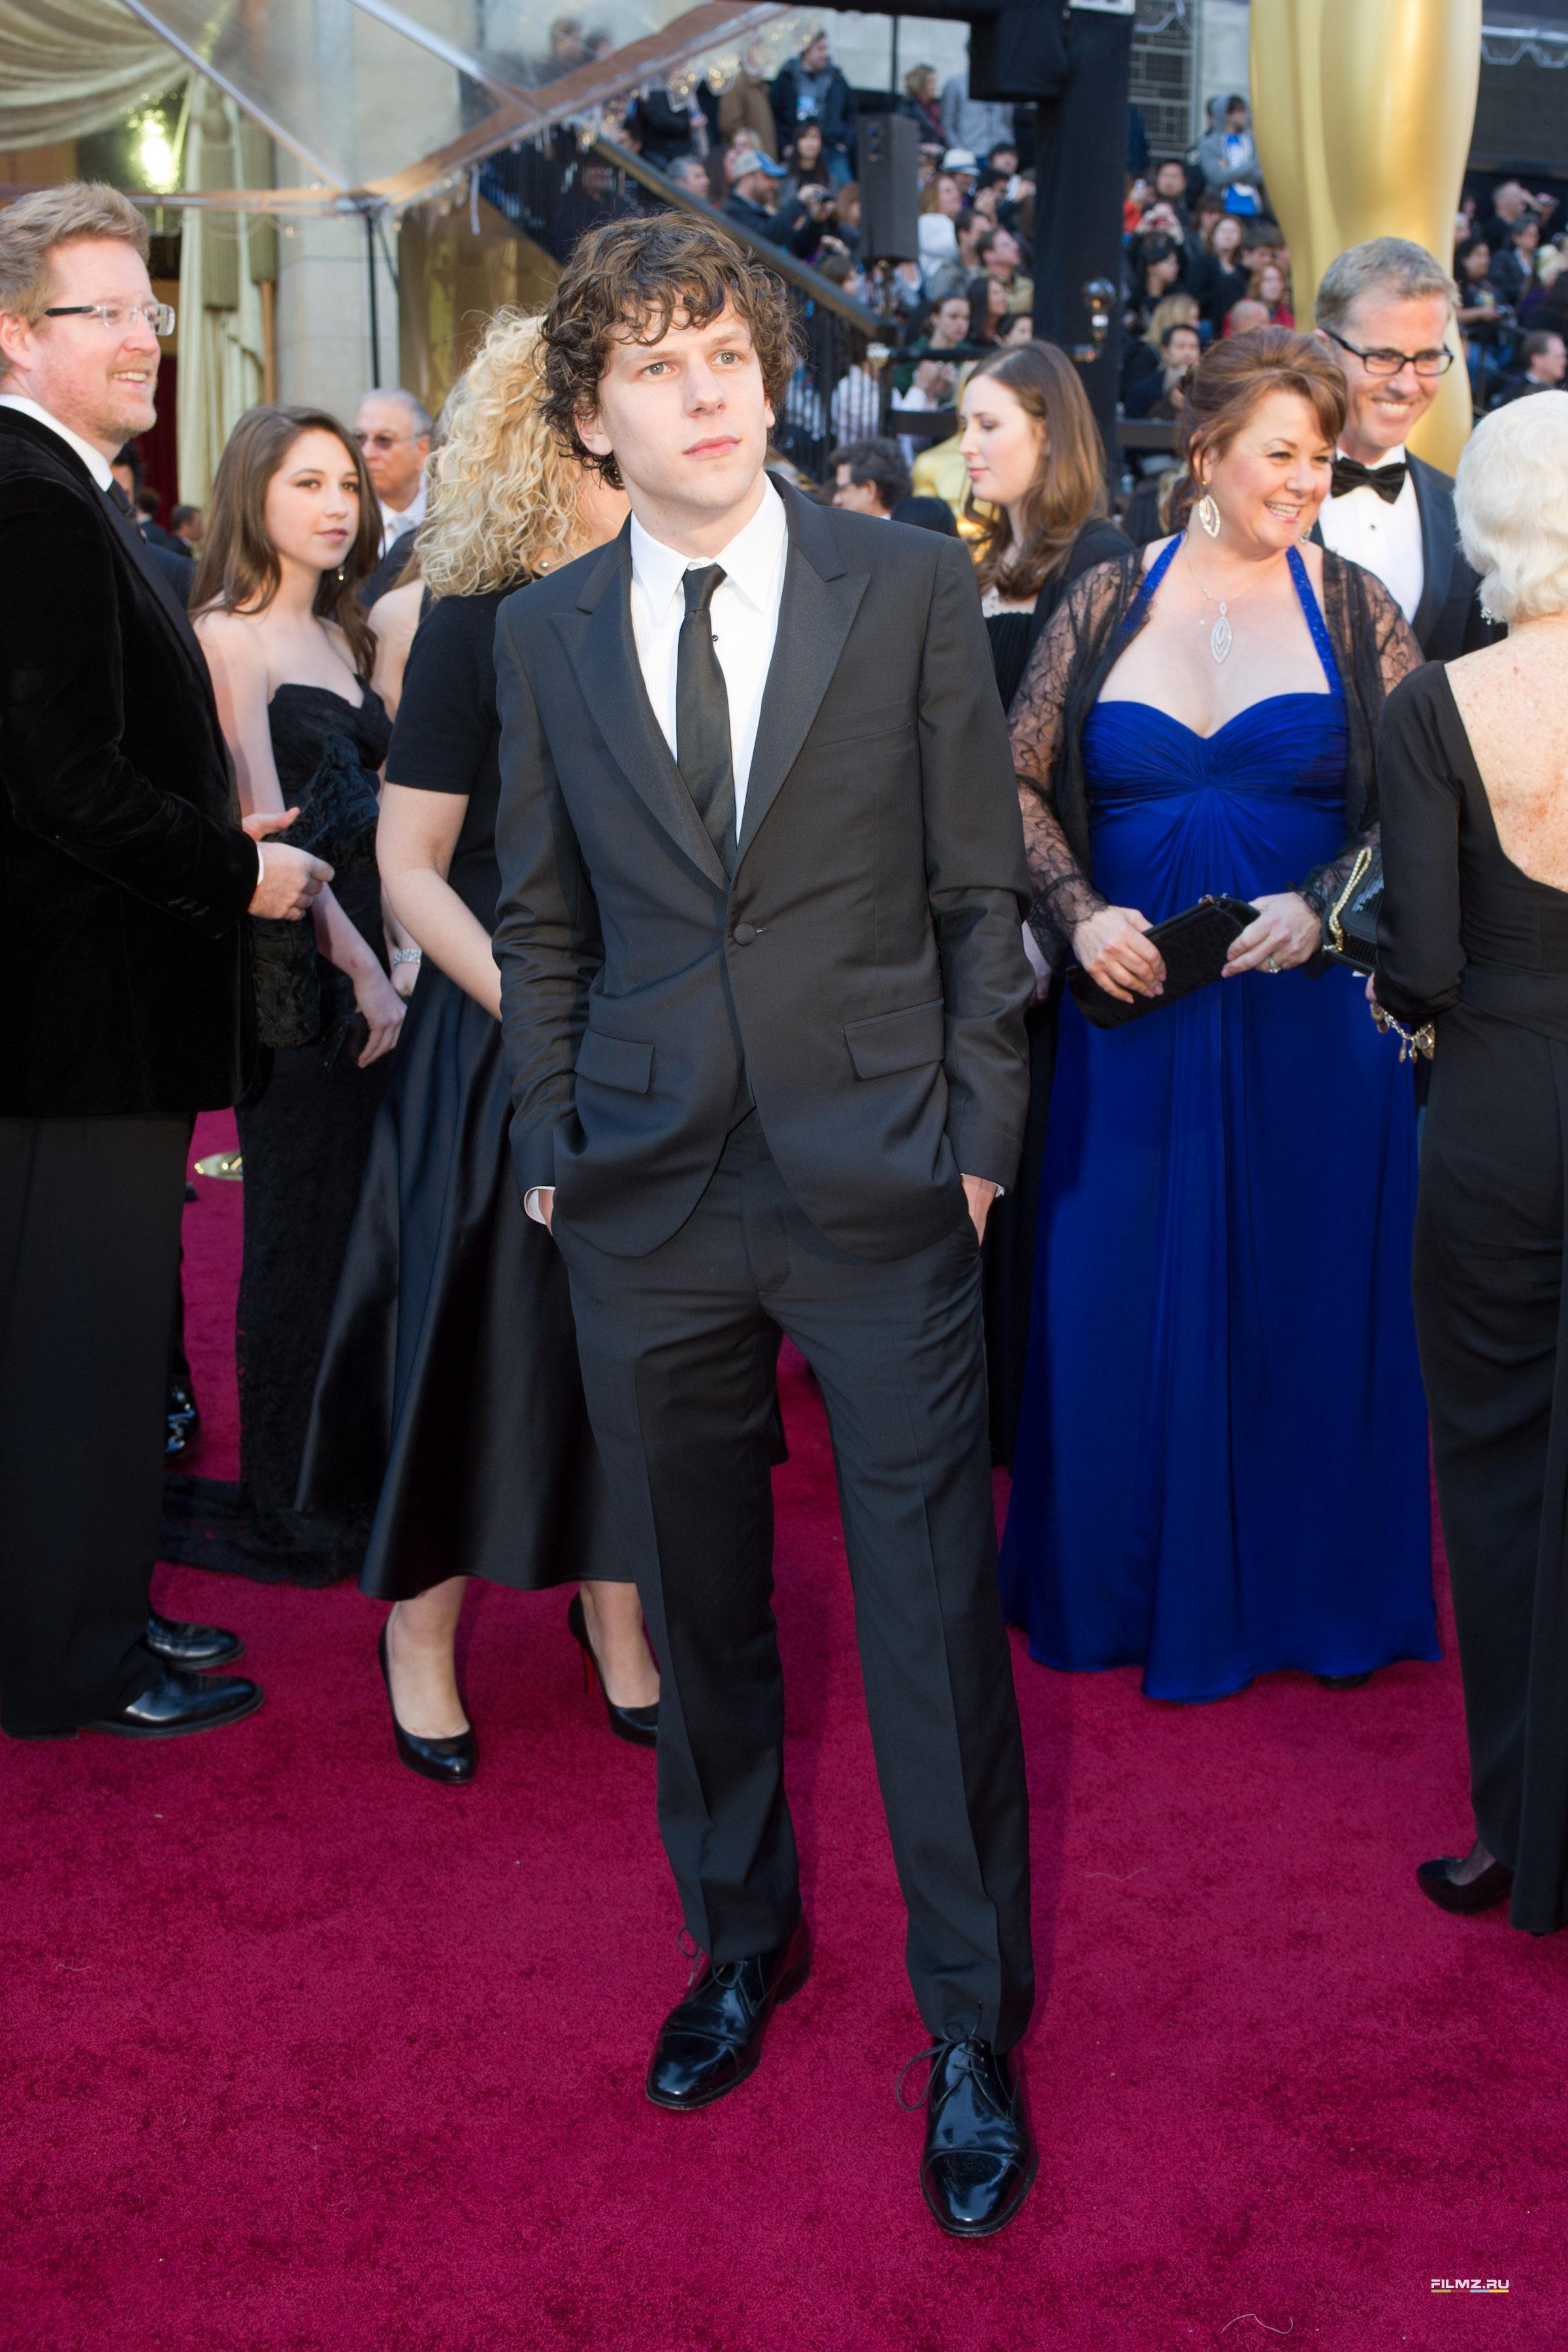 звездная дорожка Оскар 2011 Джесси Айзенберг,